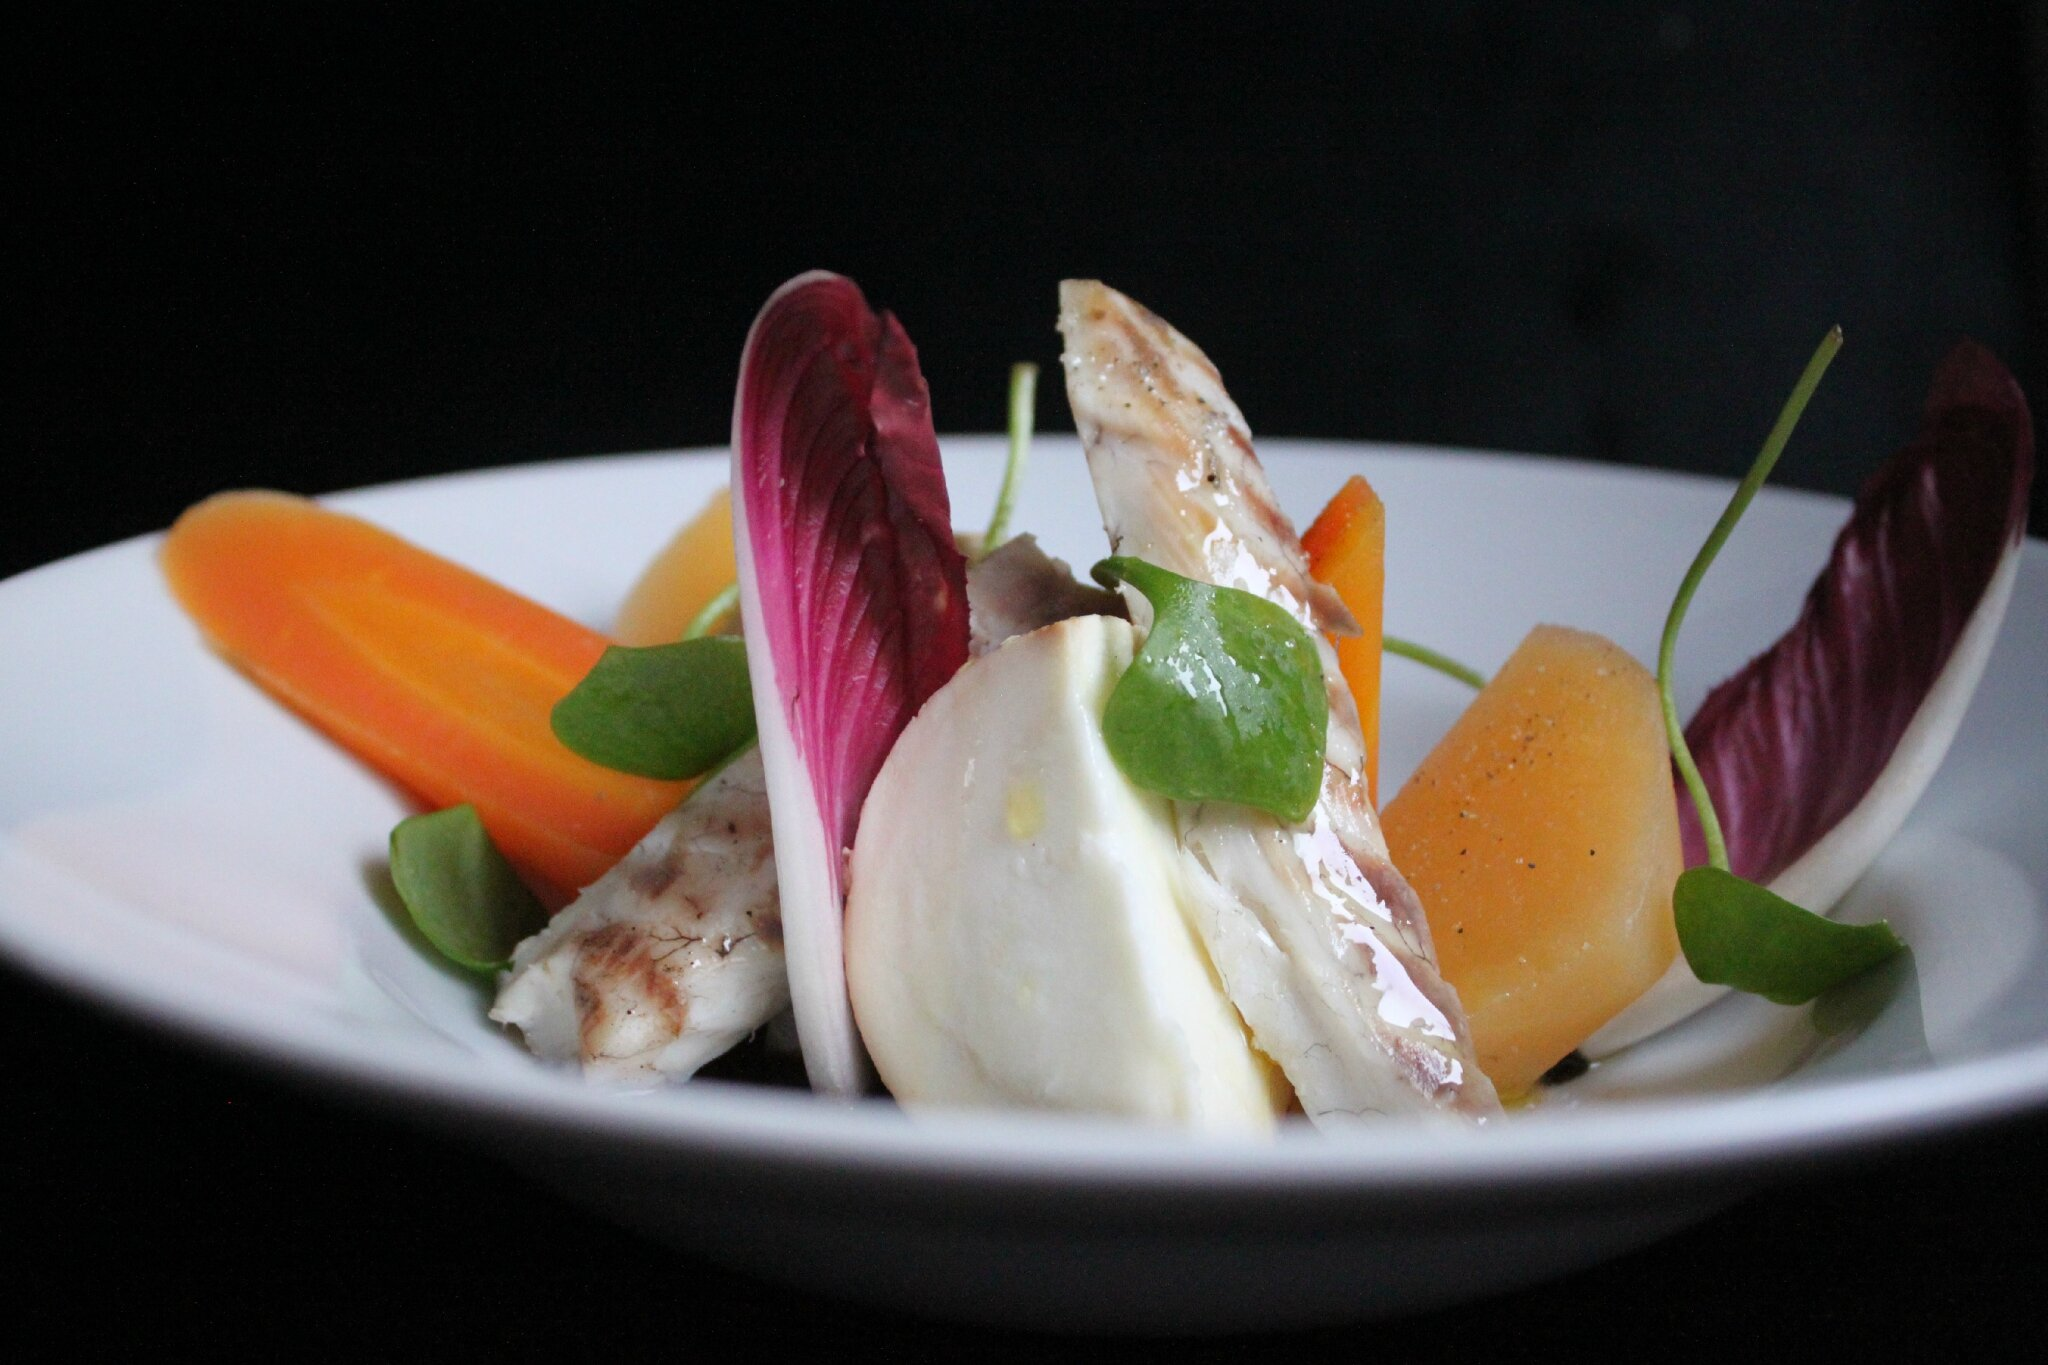 Salade de légumes tièdes au bar fumé et mozzarella fermentée dans du marc de café et café de gland de chêne